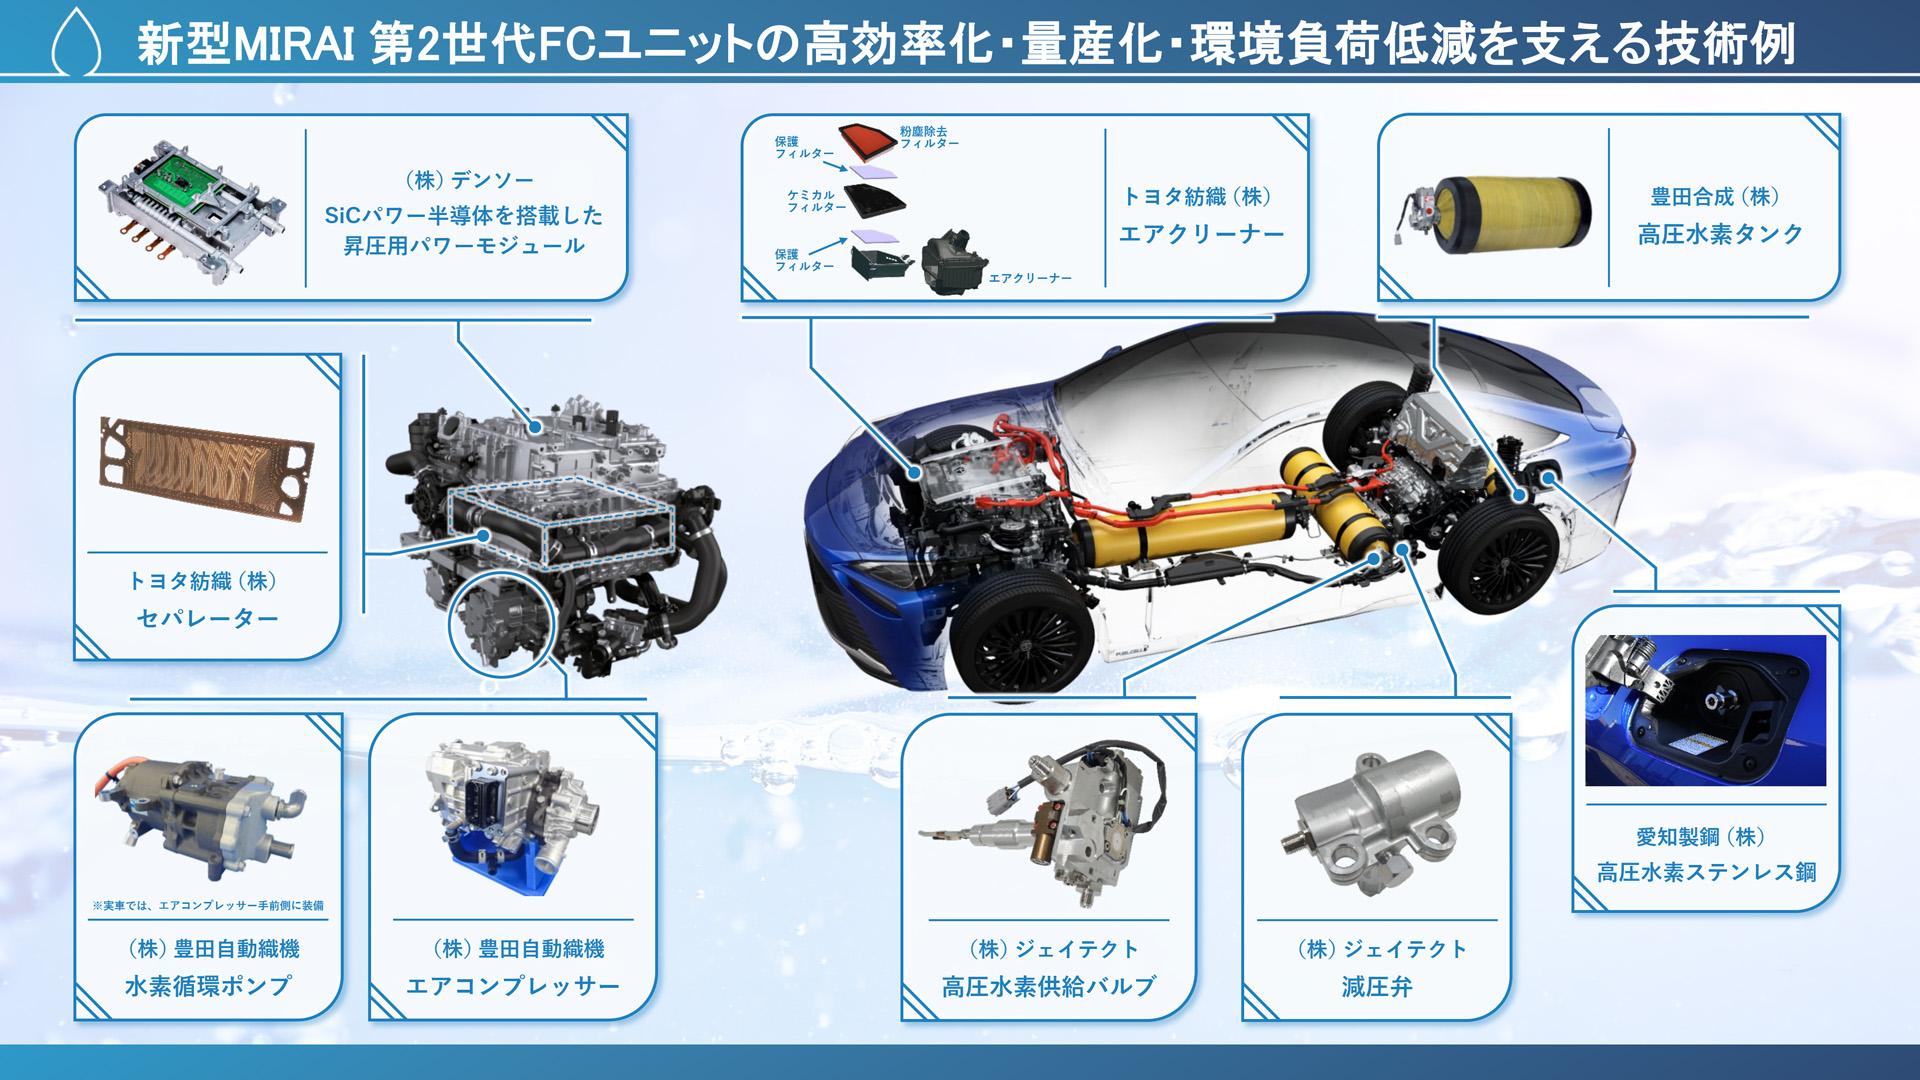 新型MIRAI 第2世代FCユニットの高効率化・量産化・環境負荷低減を支える技術例